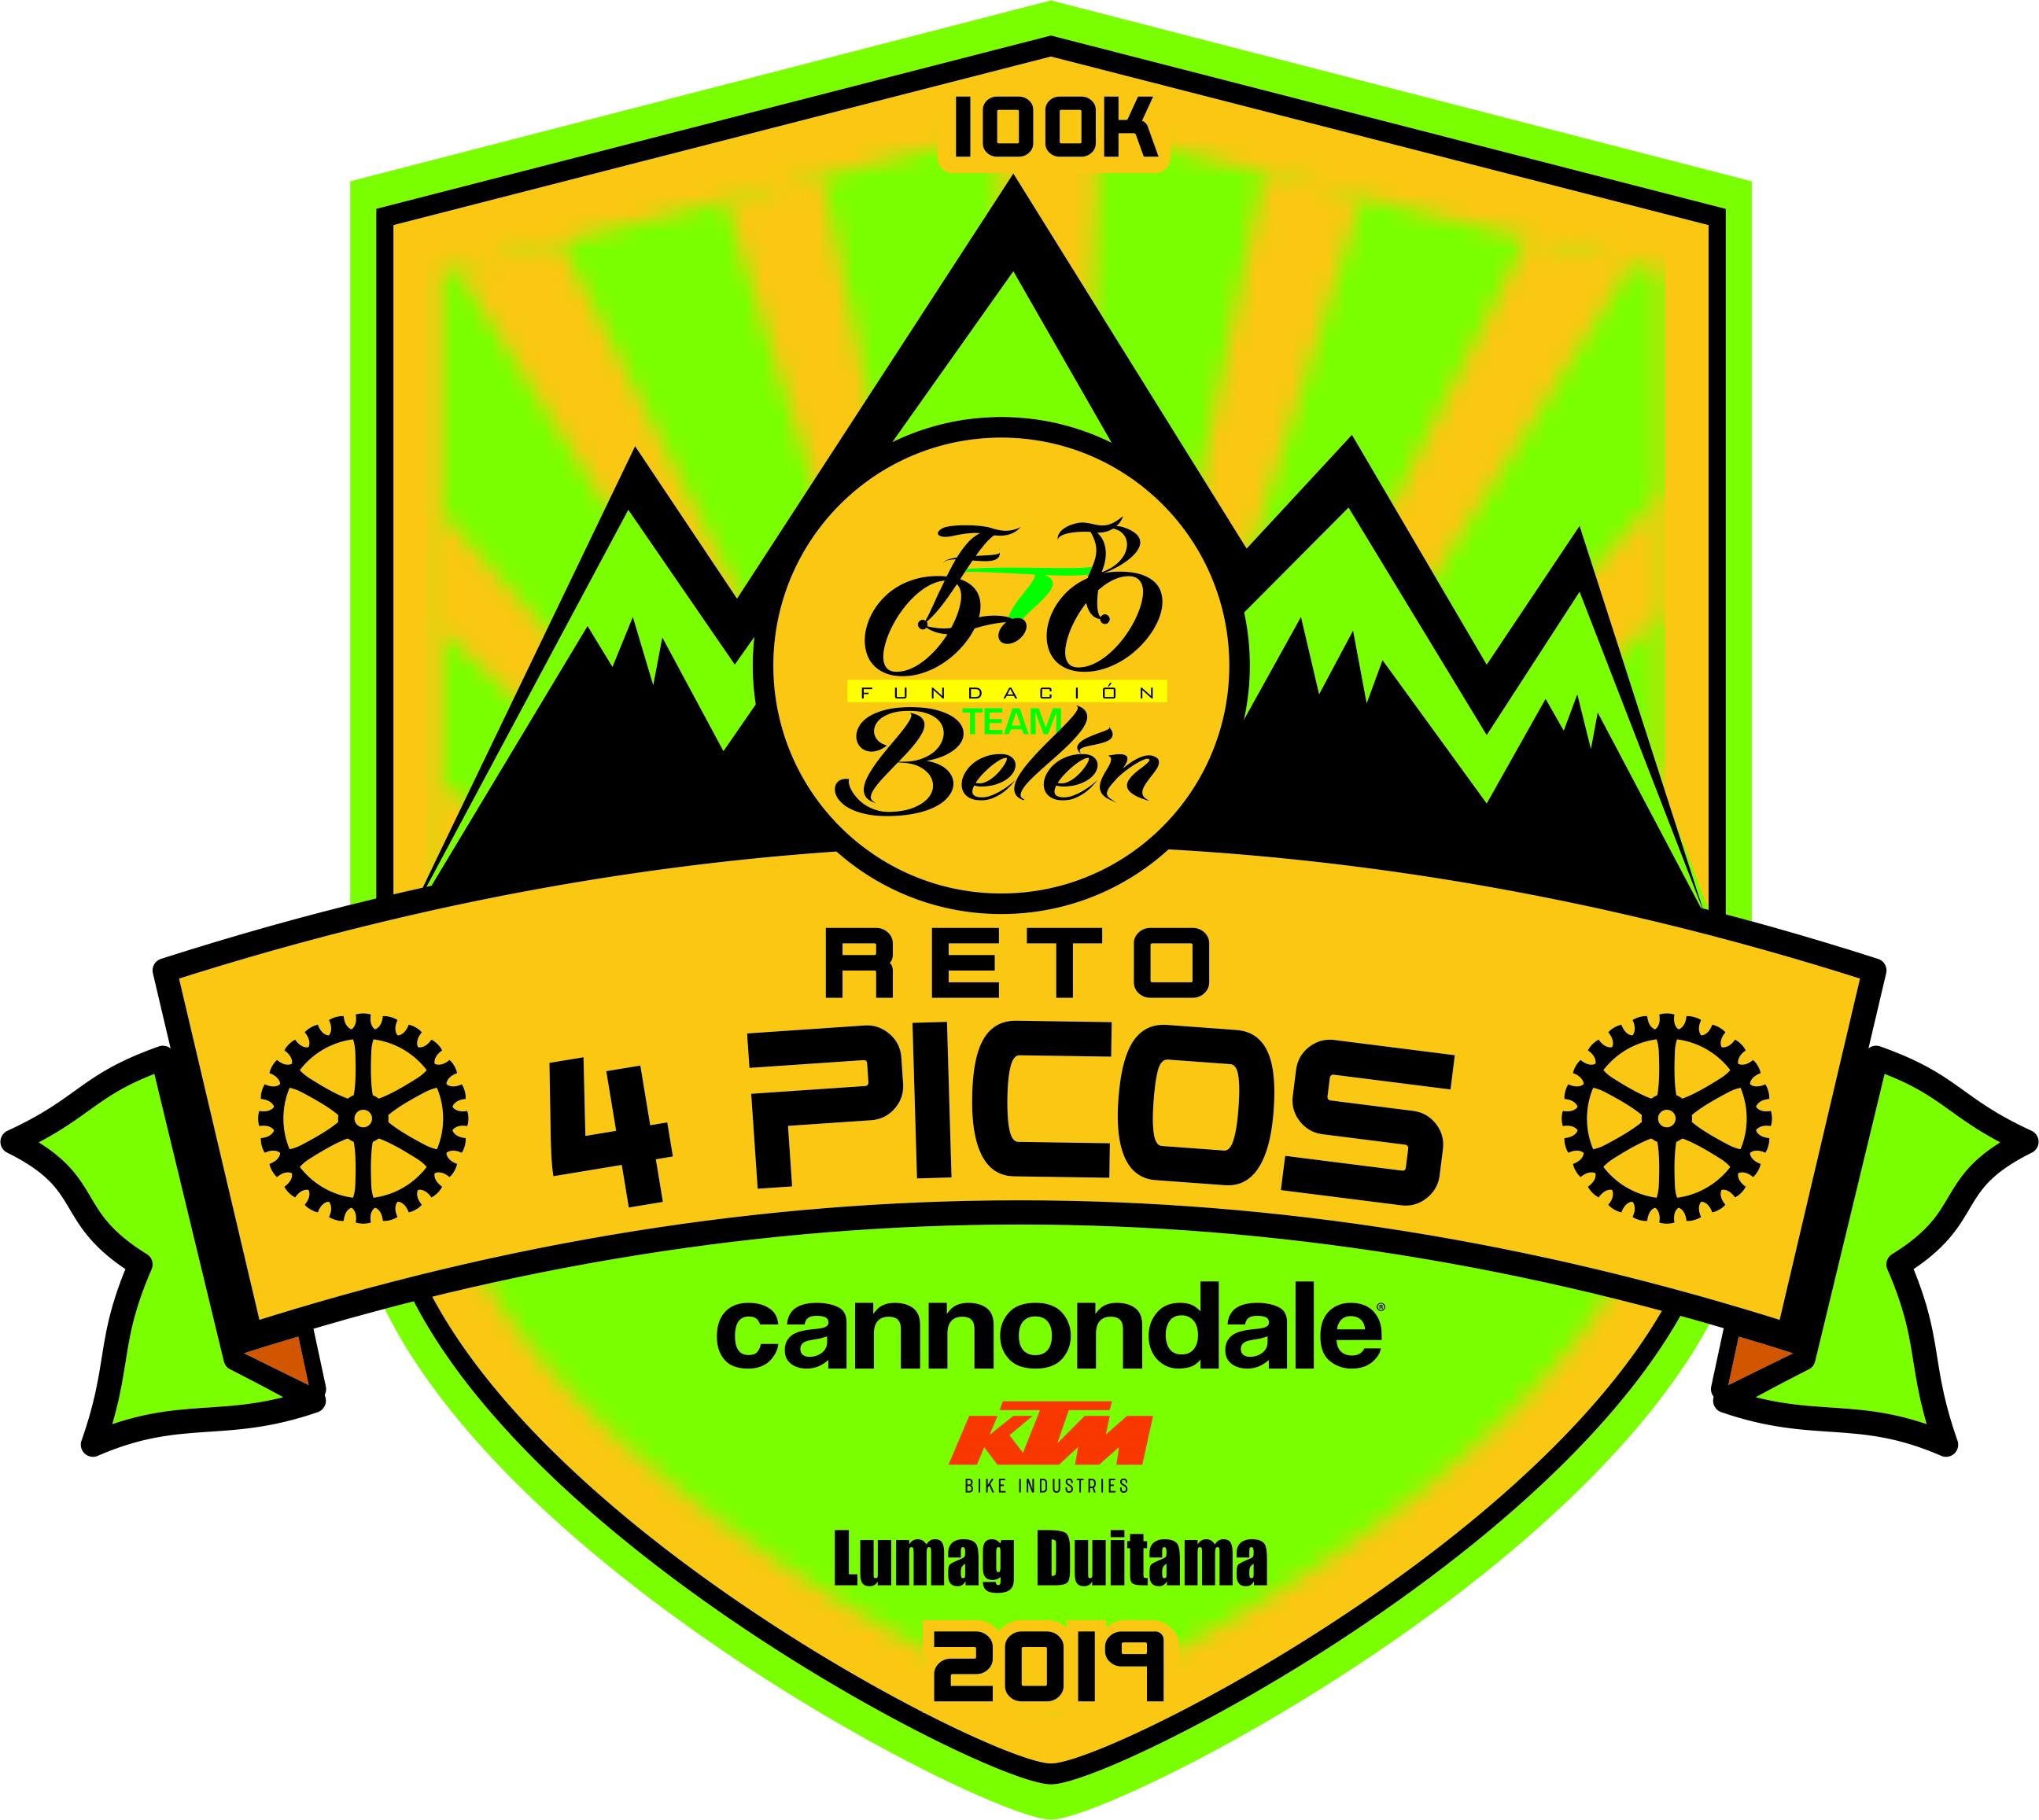 4 pikos logo